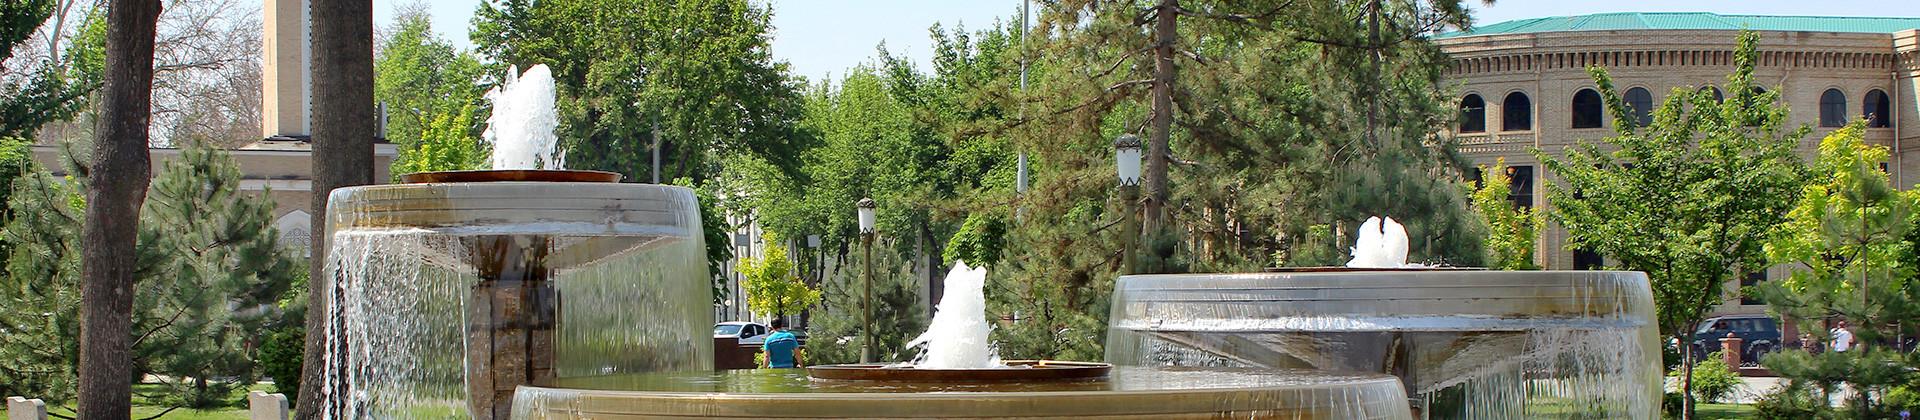 Tashkent tour - 1